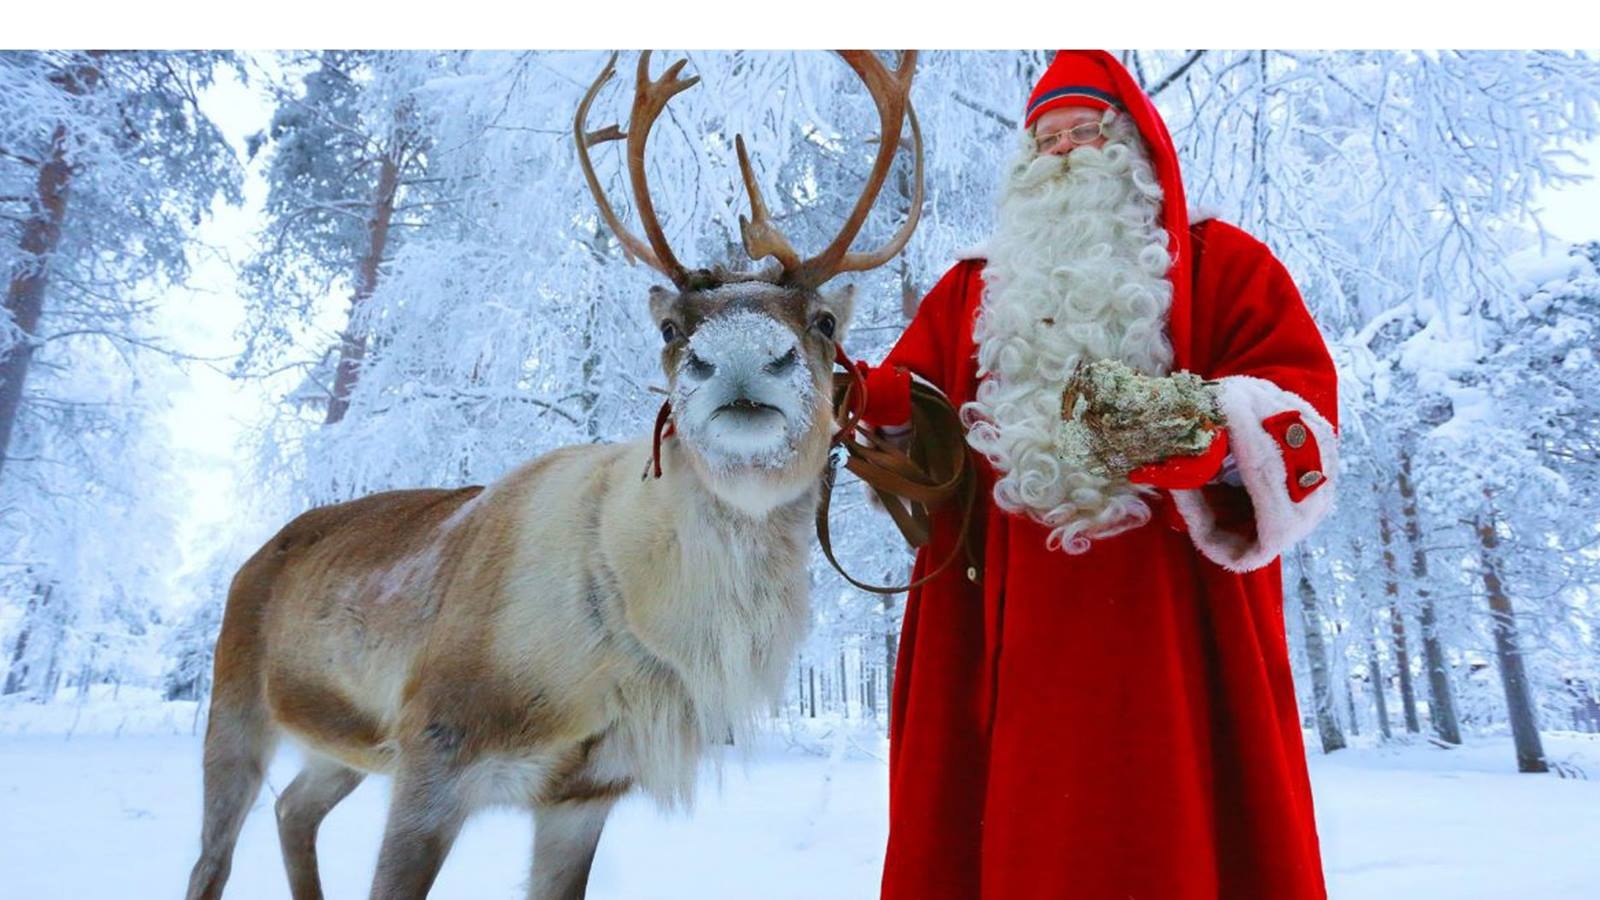 Il Babbo Natale.Babbo Natale E Il Periodo Dell Anno Piu Faticoso Per Lui La Posta